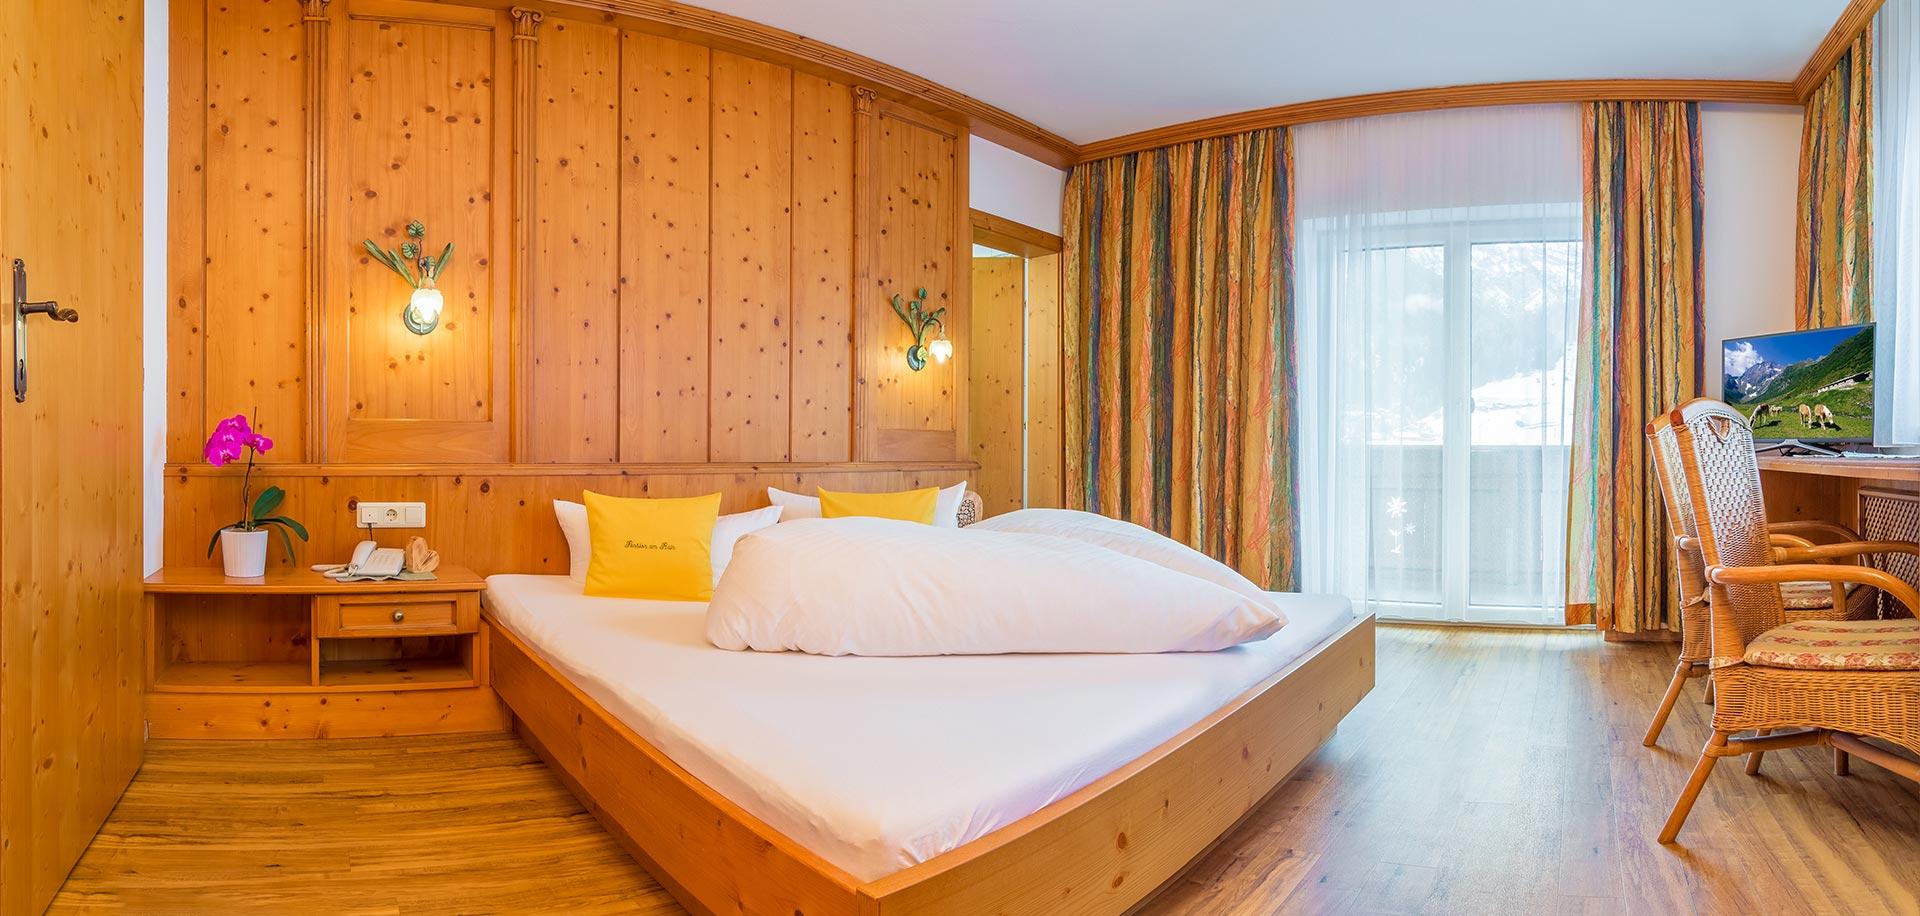 Zimmer - Pension am Rain - Apartments - Zimmer mit Frühstück - Bed and Breakfast - Neustift - Stubaital